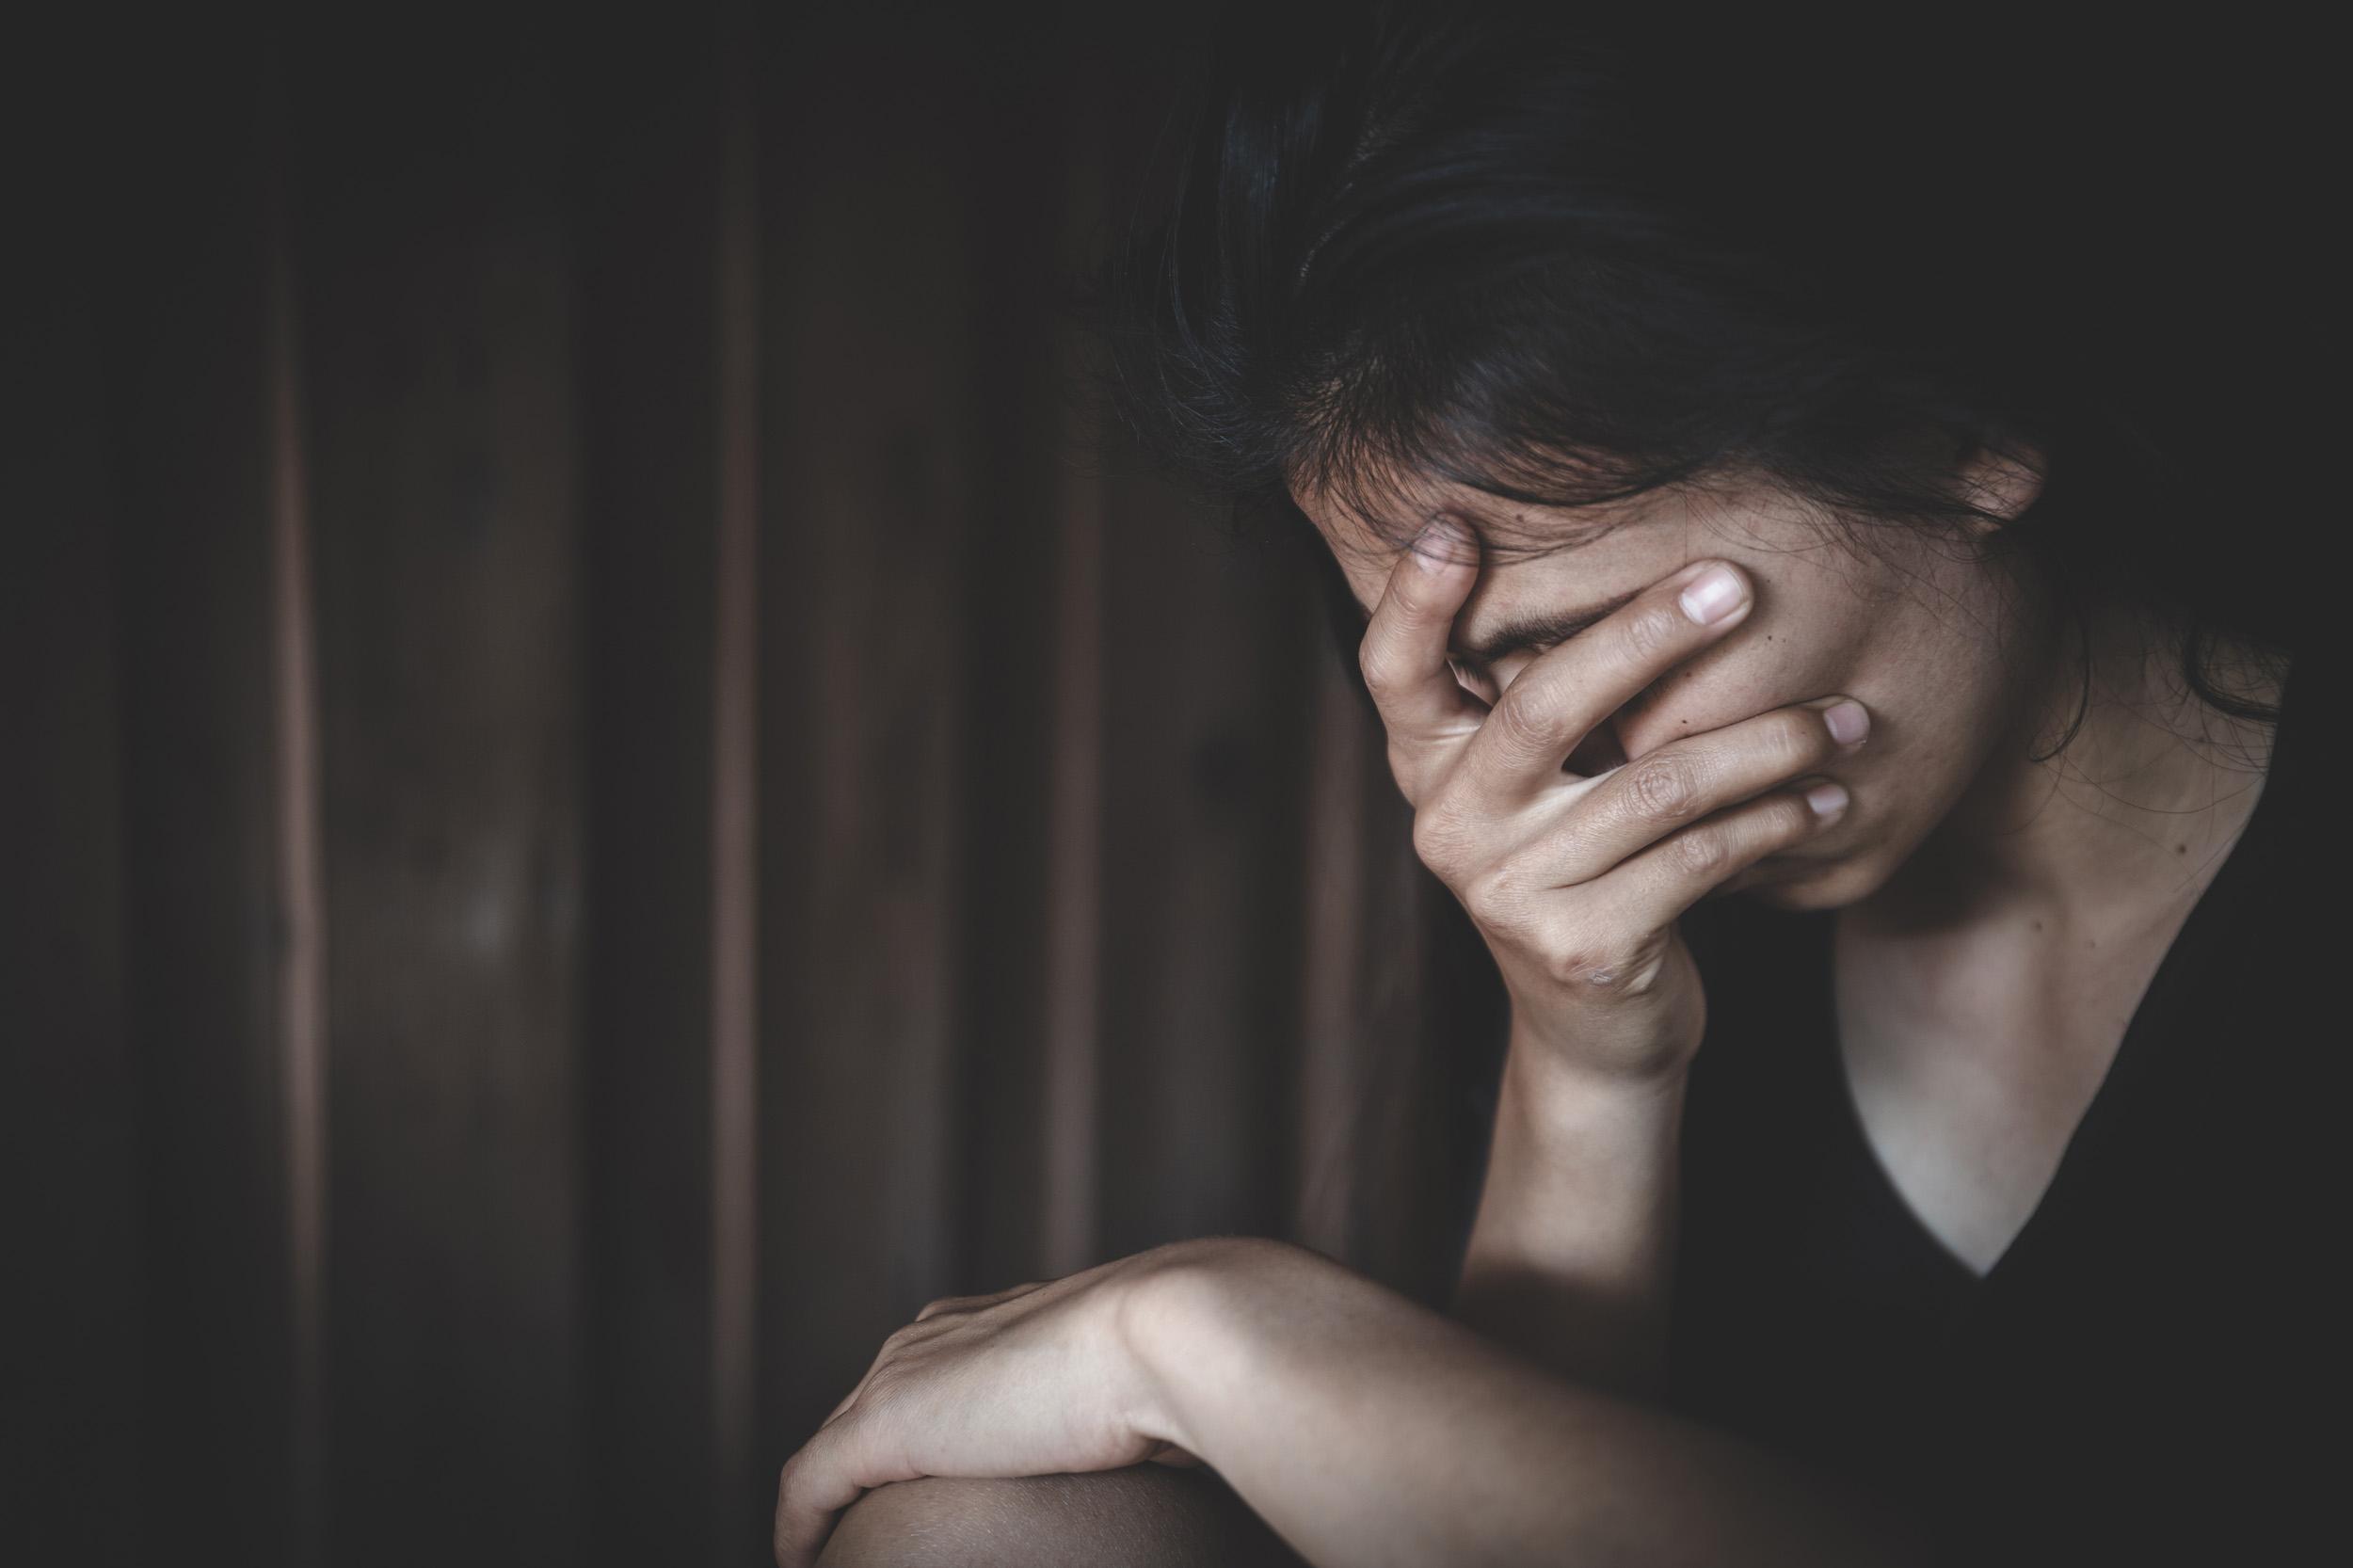 دولت کبک طرح جدید برای خدمات مشاوره حقوقی به قربانیان خشونتهای جنسی و خانگی ارائه میدهد